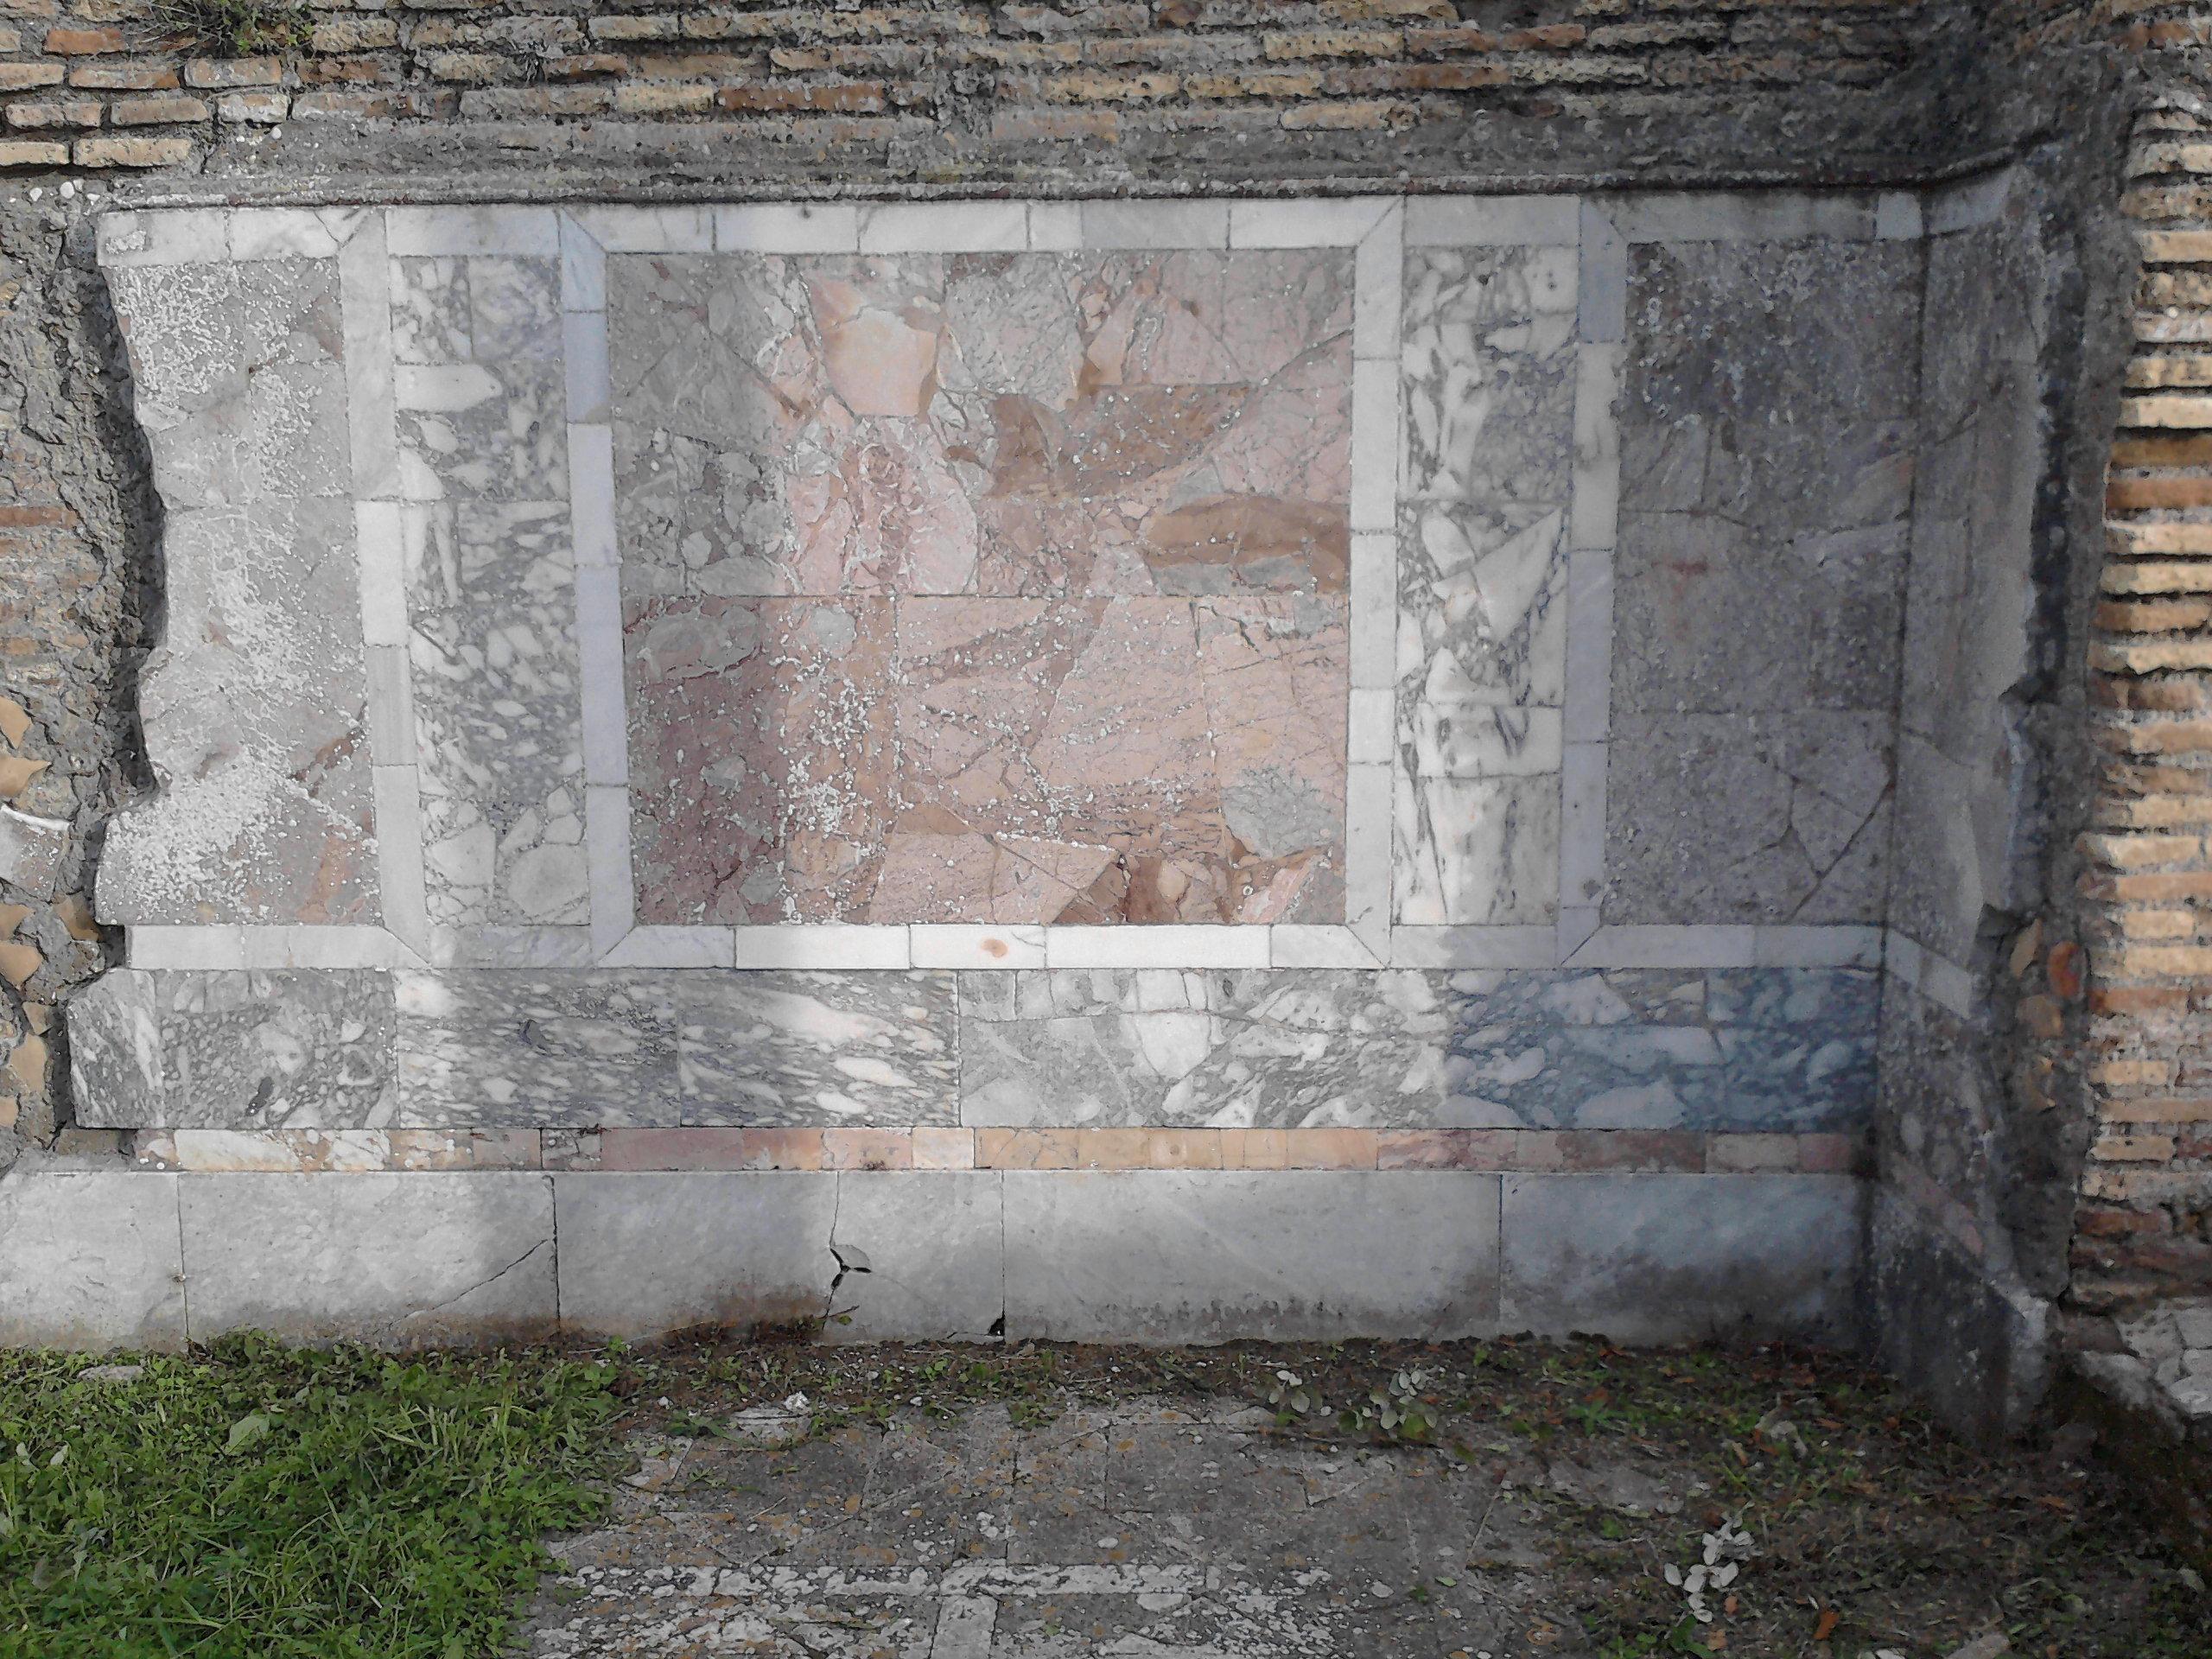 Ricerche su ostia e il suo territorio chronology in late antiquity url fandeluxe Images